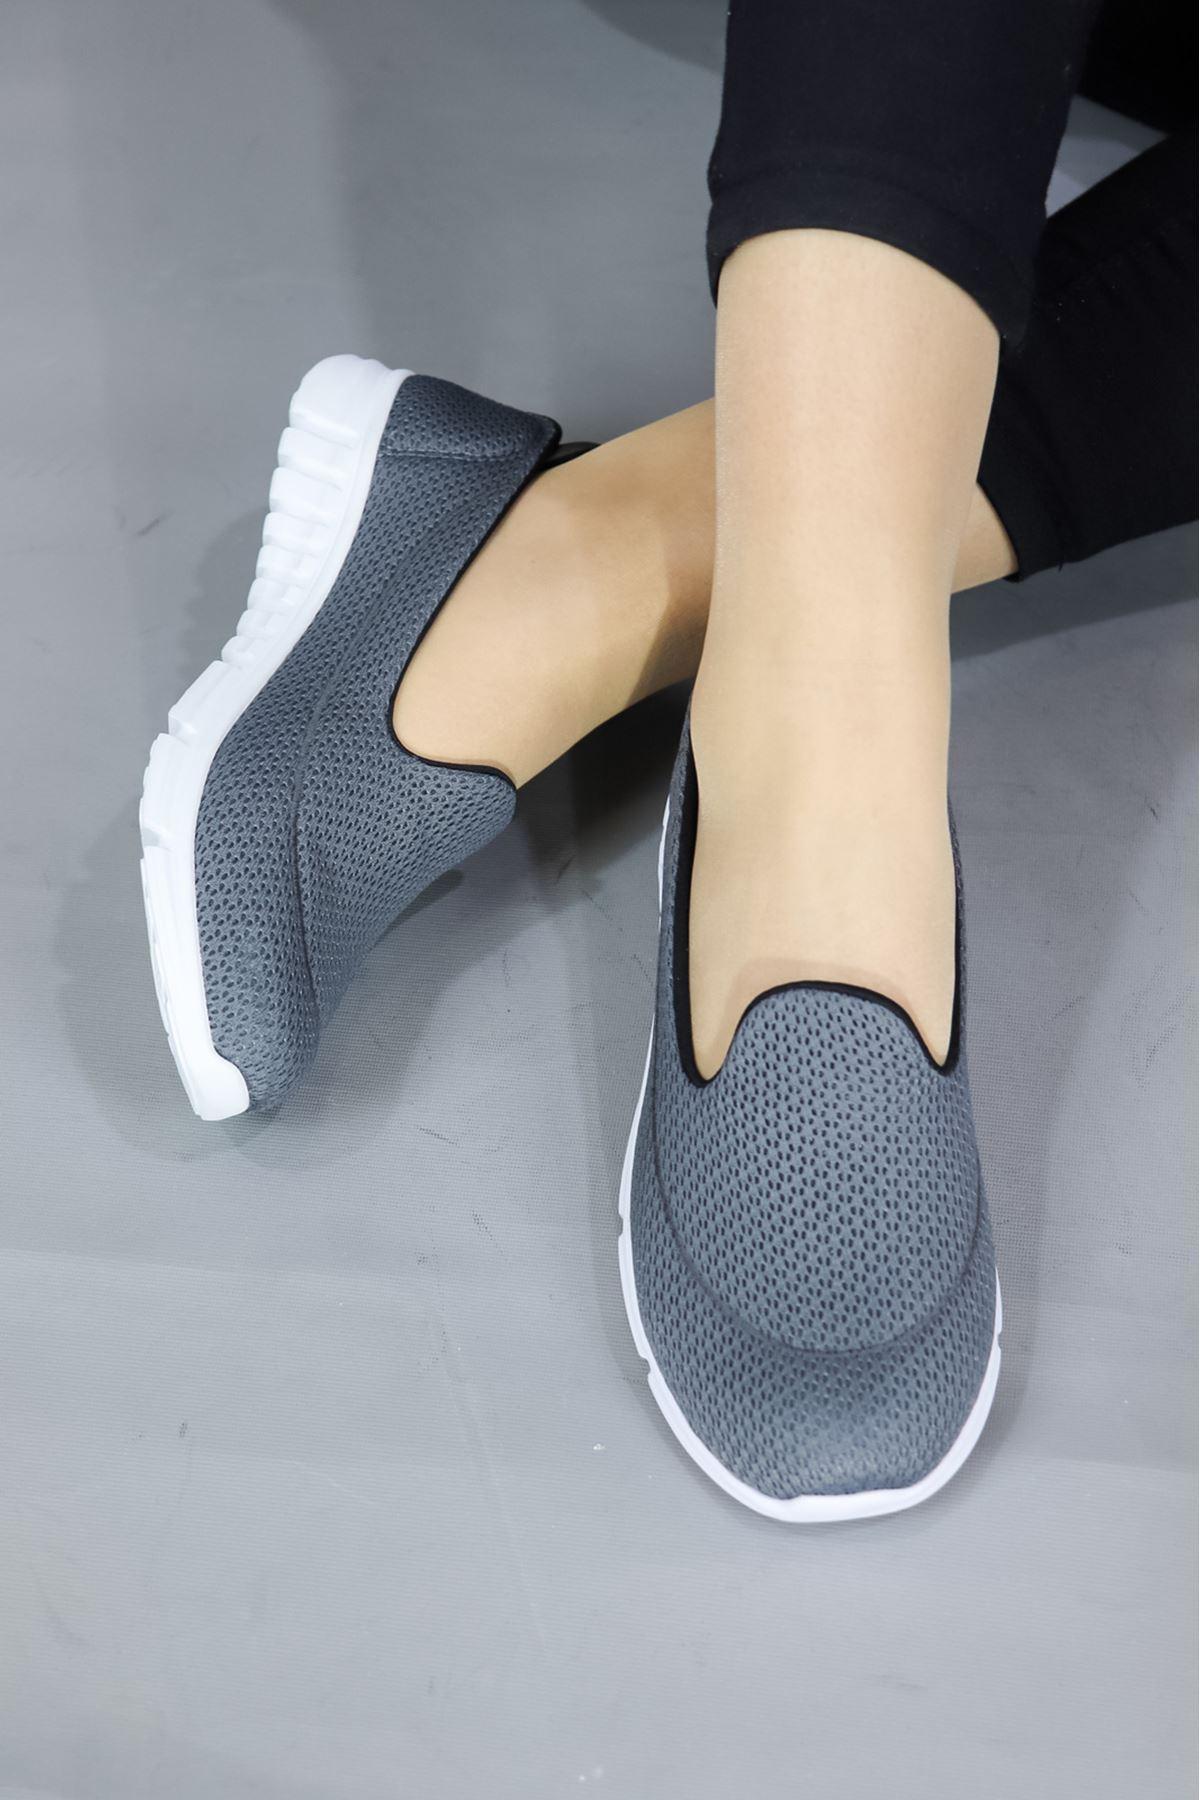 Trendayakkabı - Gri Fileli Ortopedik Kadın Ayakkabısı